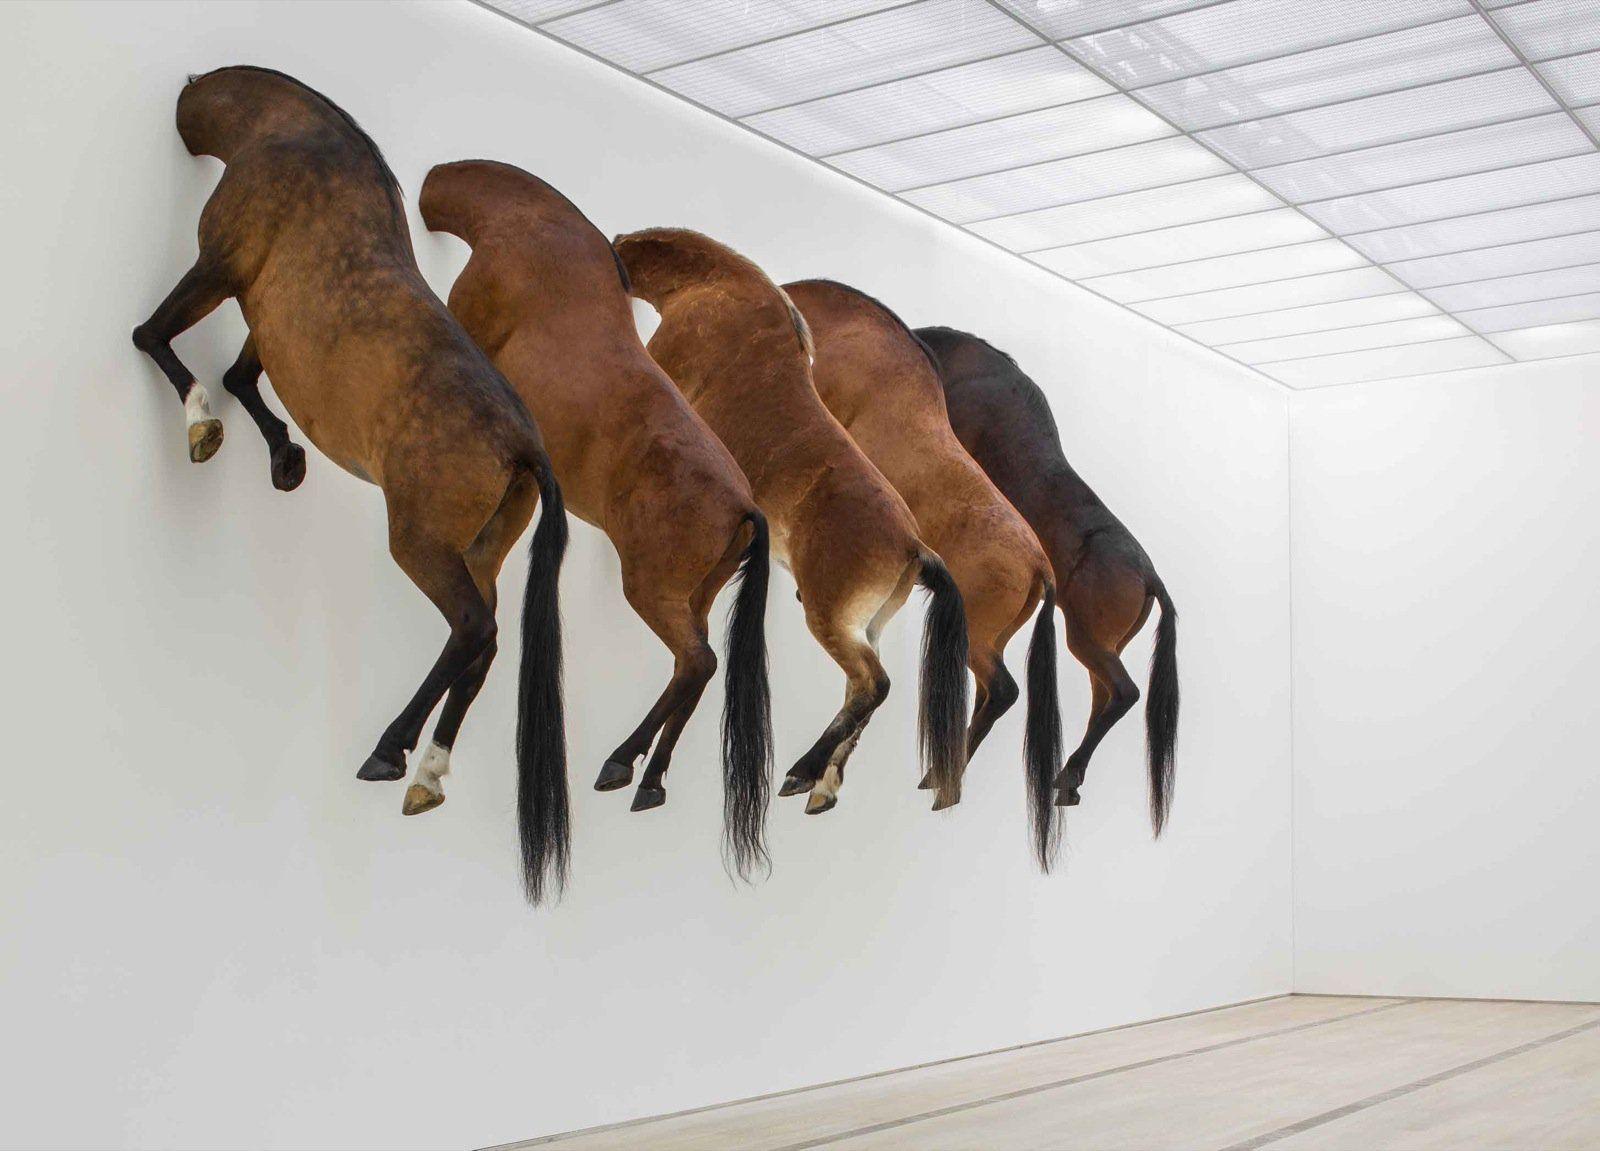 Maurizio Cattelan - Untitled, 2007